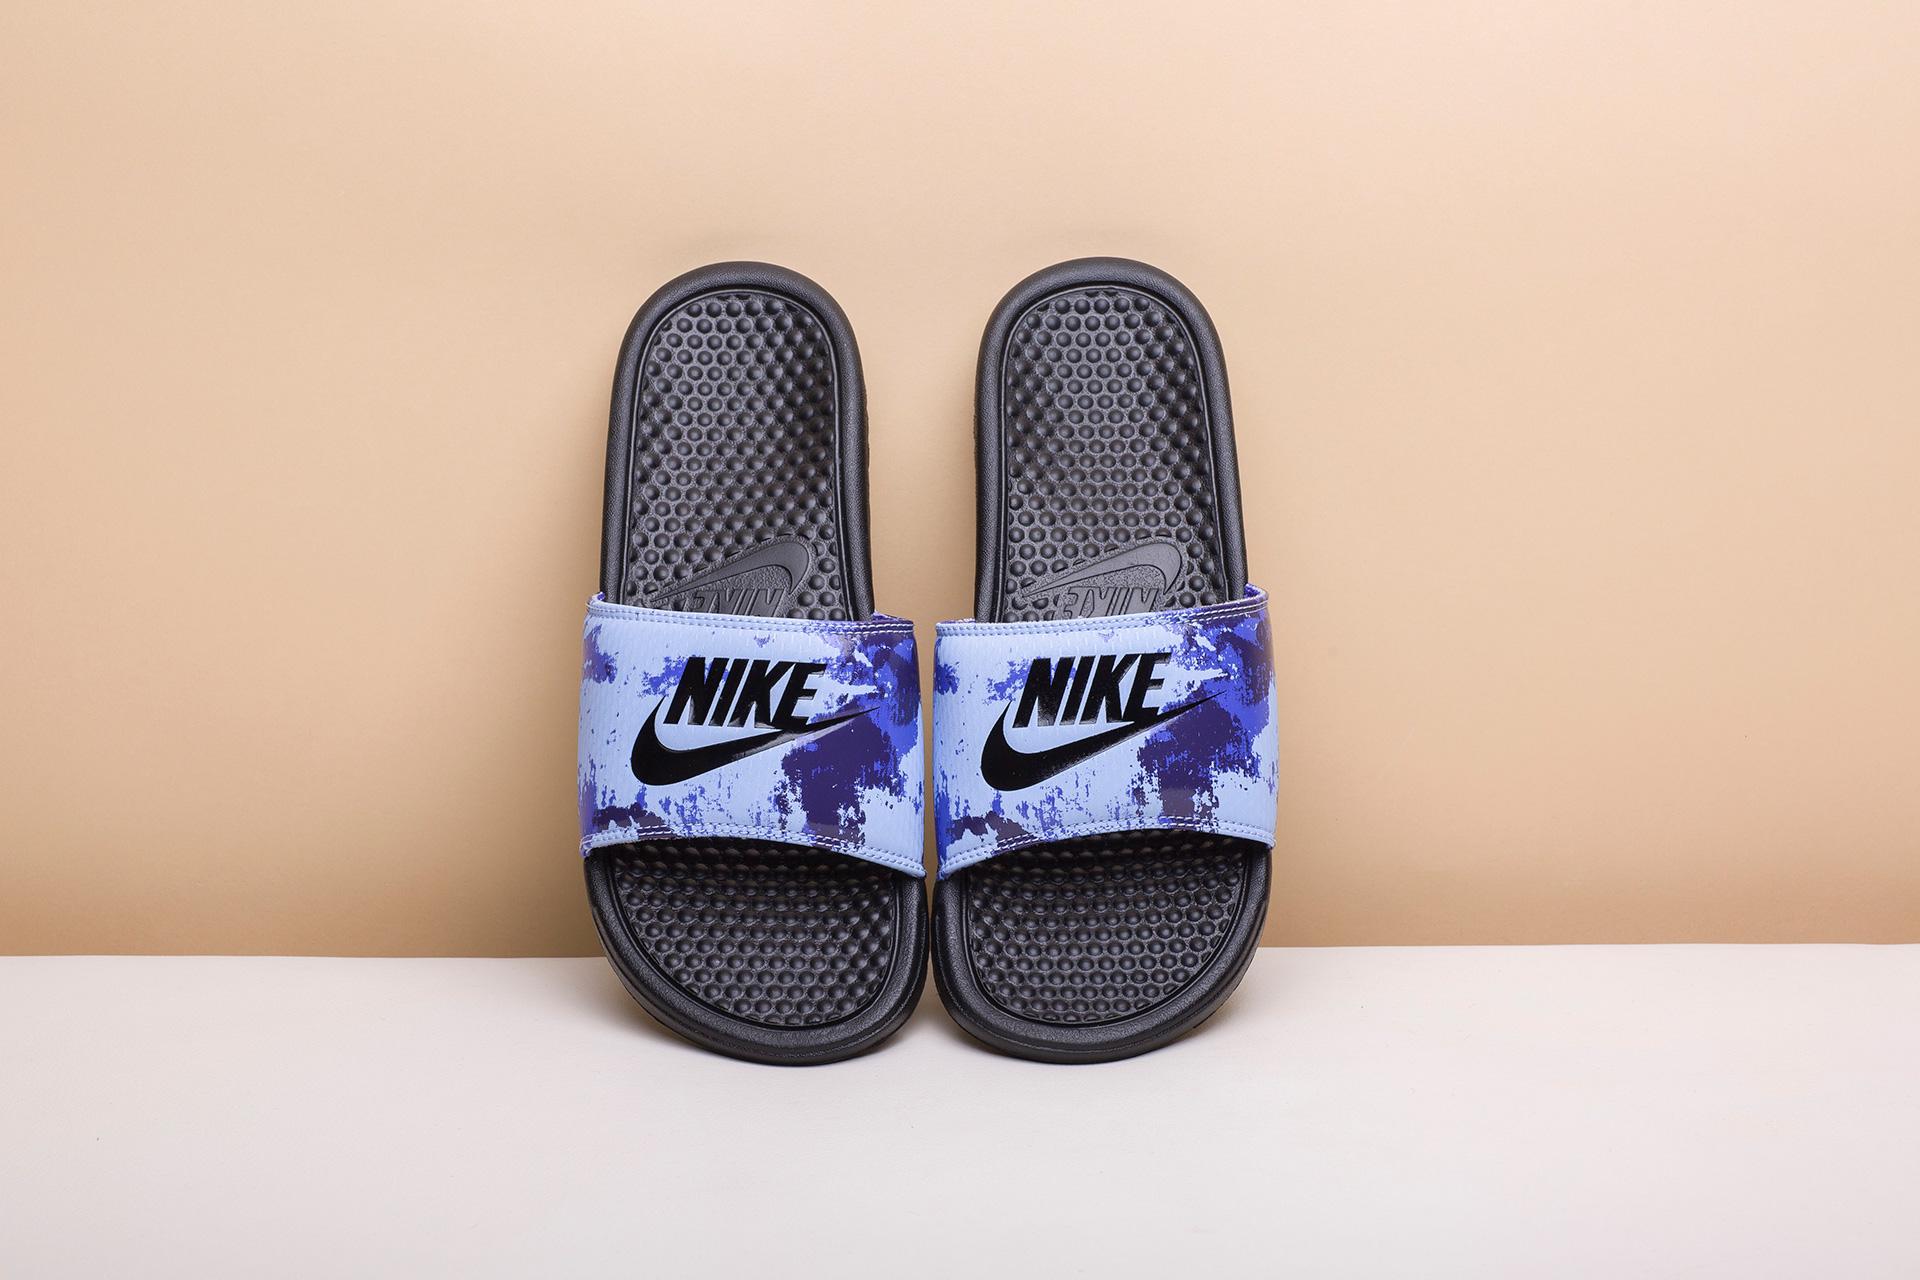 83a2d433 Купить фиолетовый, синие мужские сланцы Benassi JDI Print от Nike ...